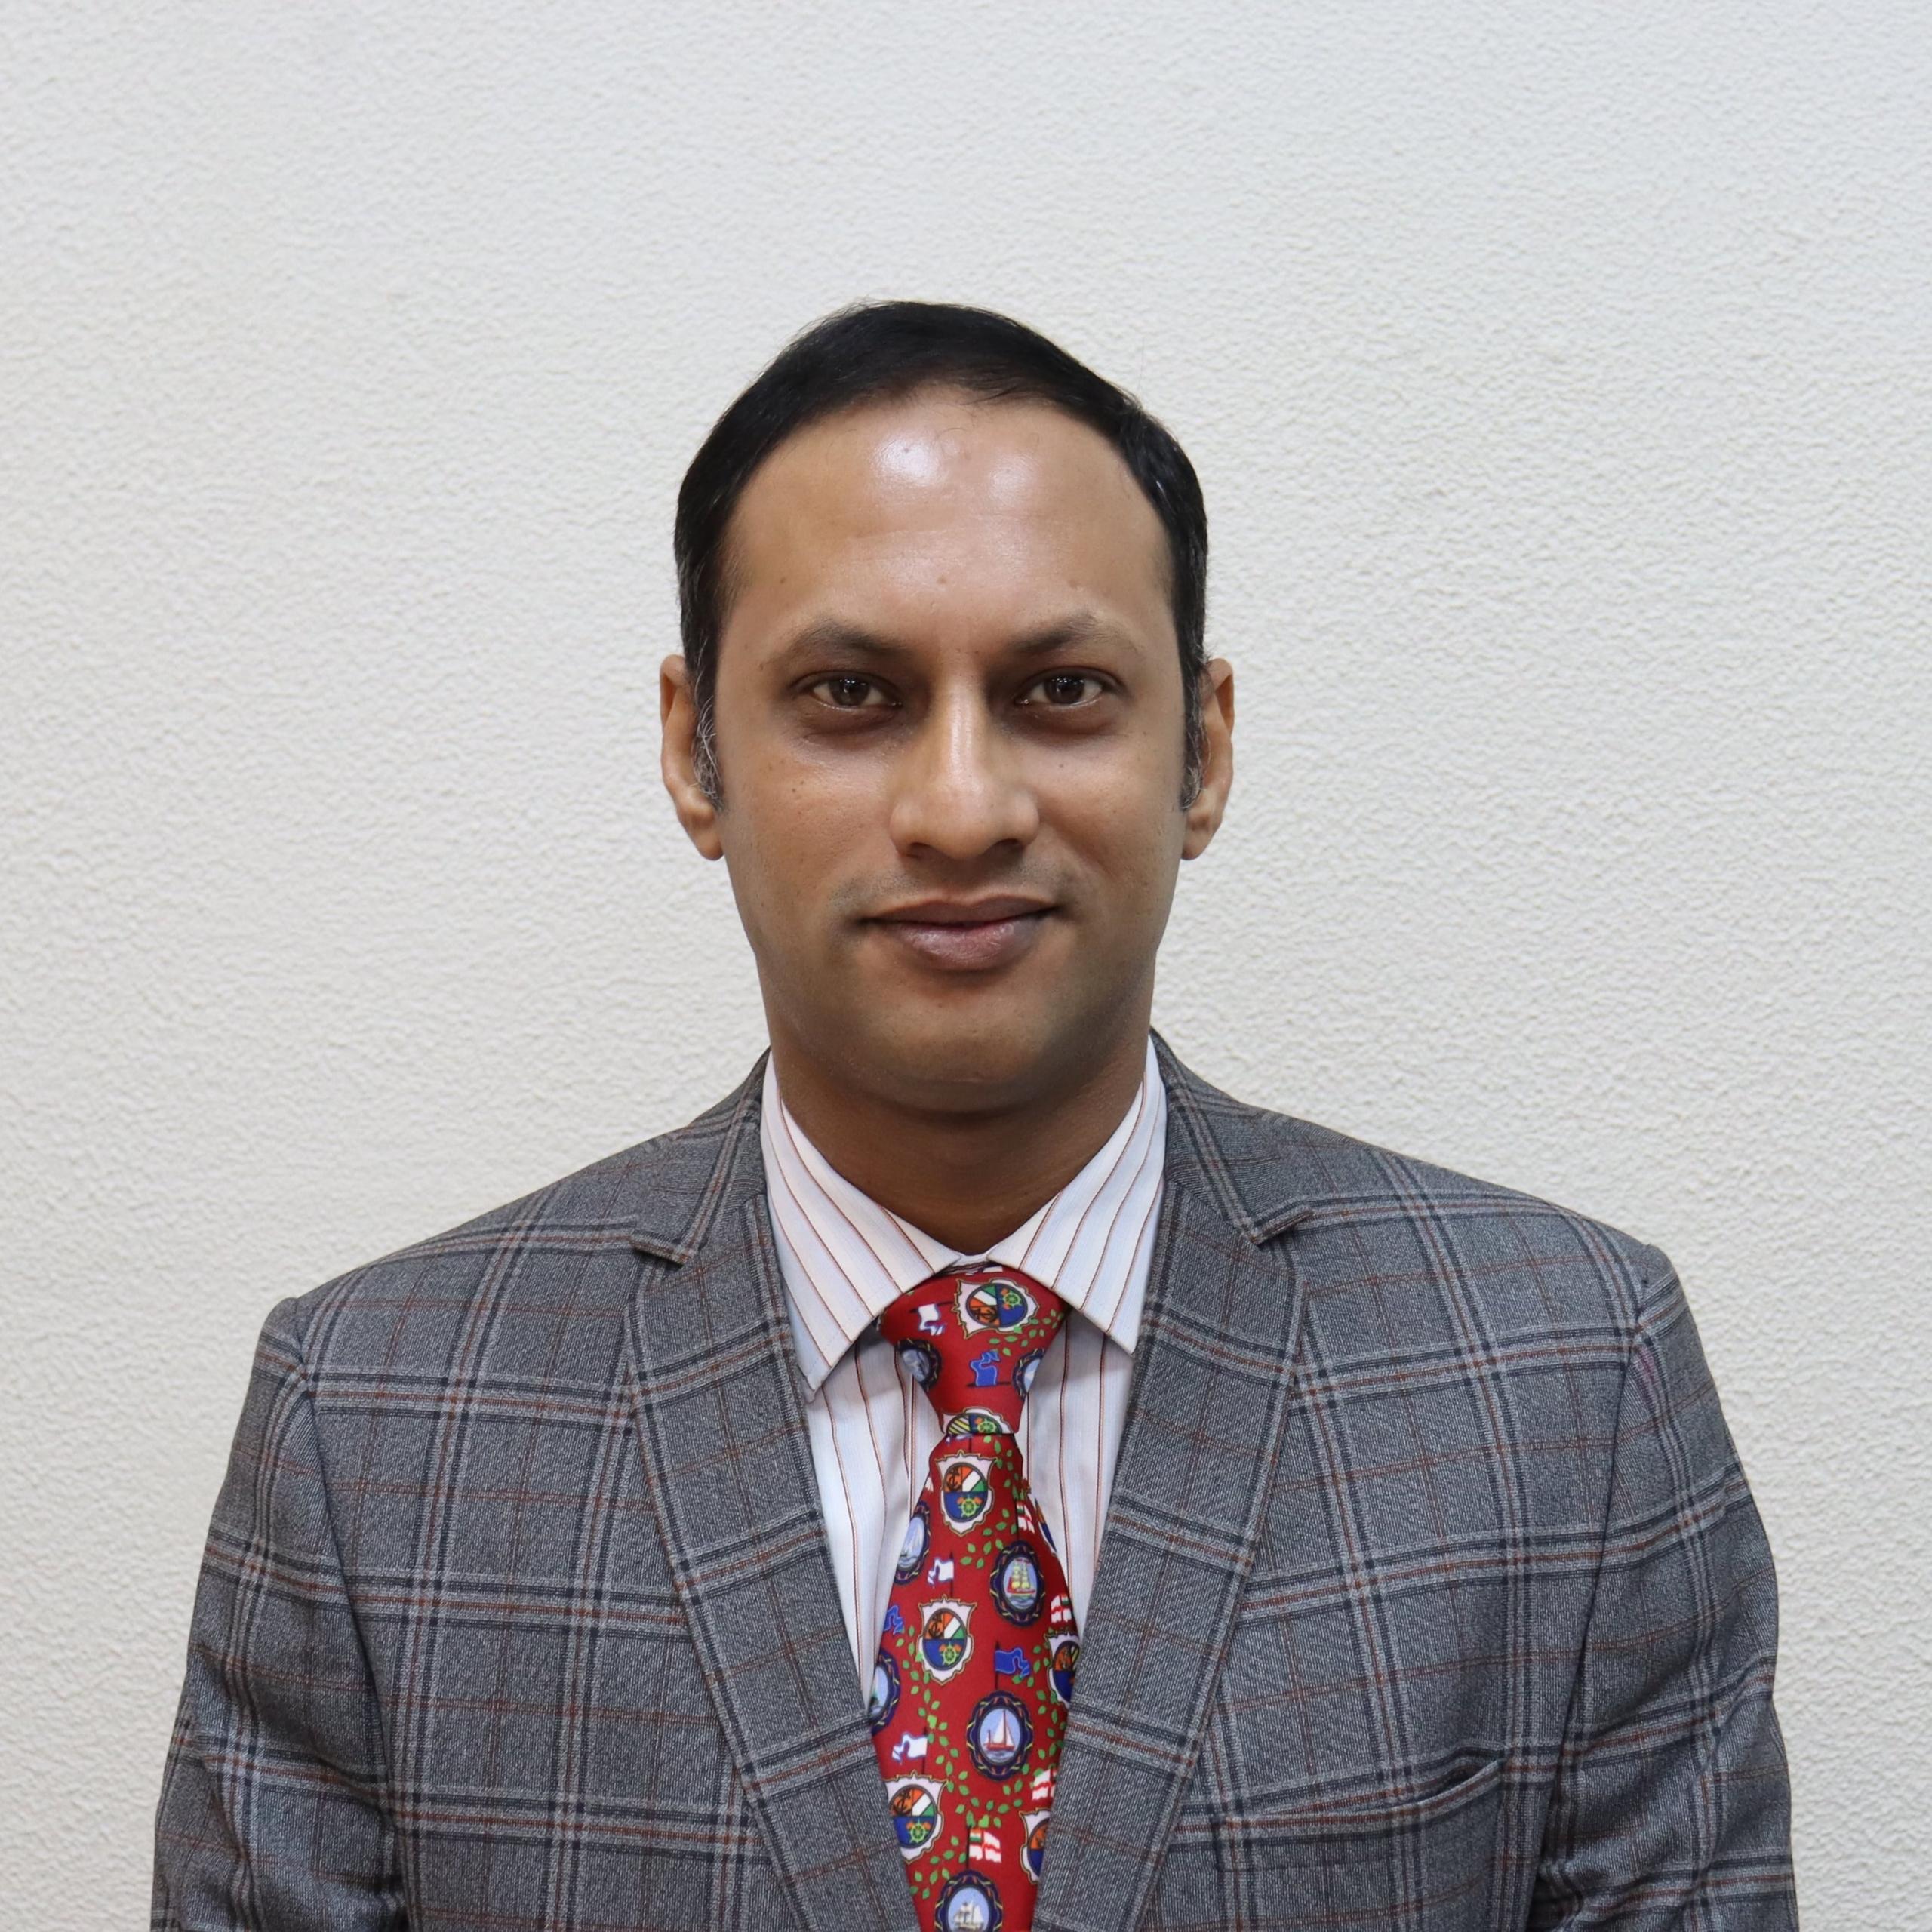 Commander Saurav Mohanty